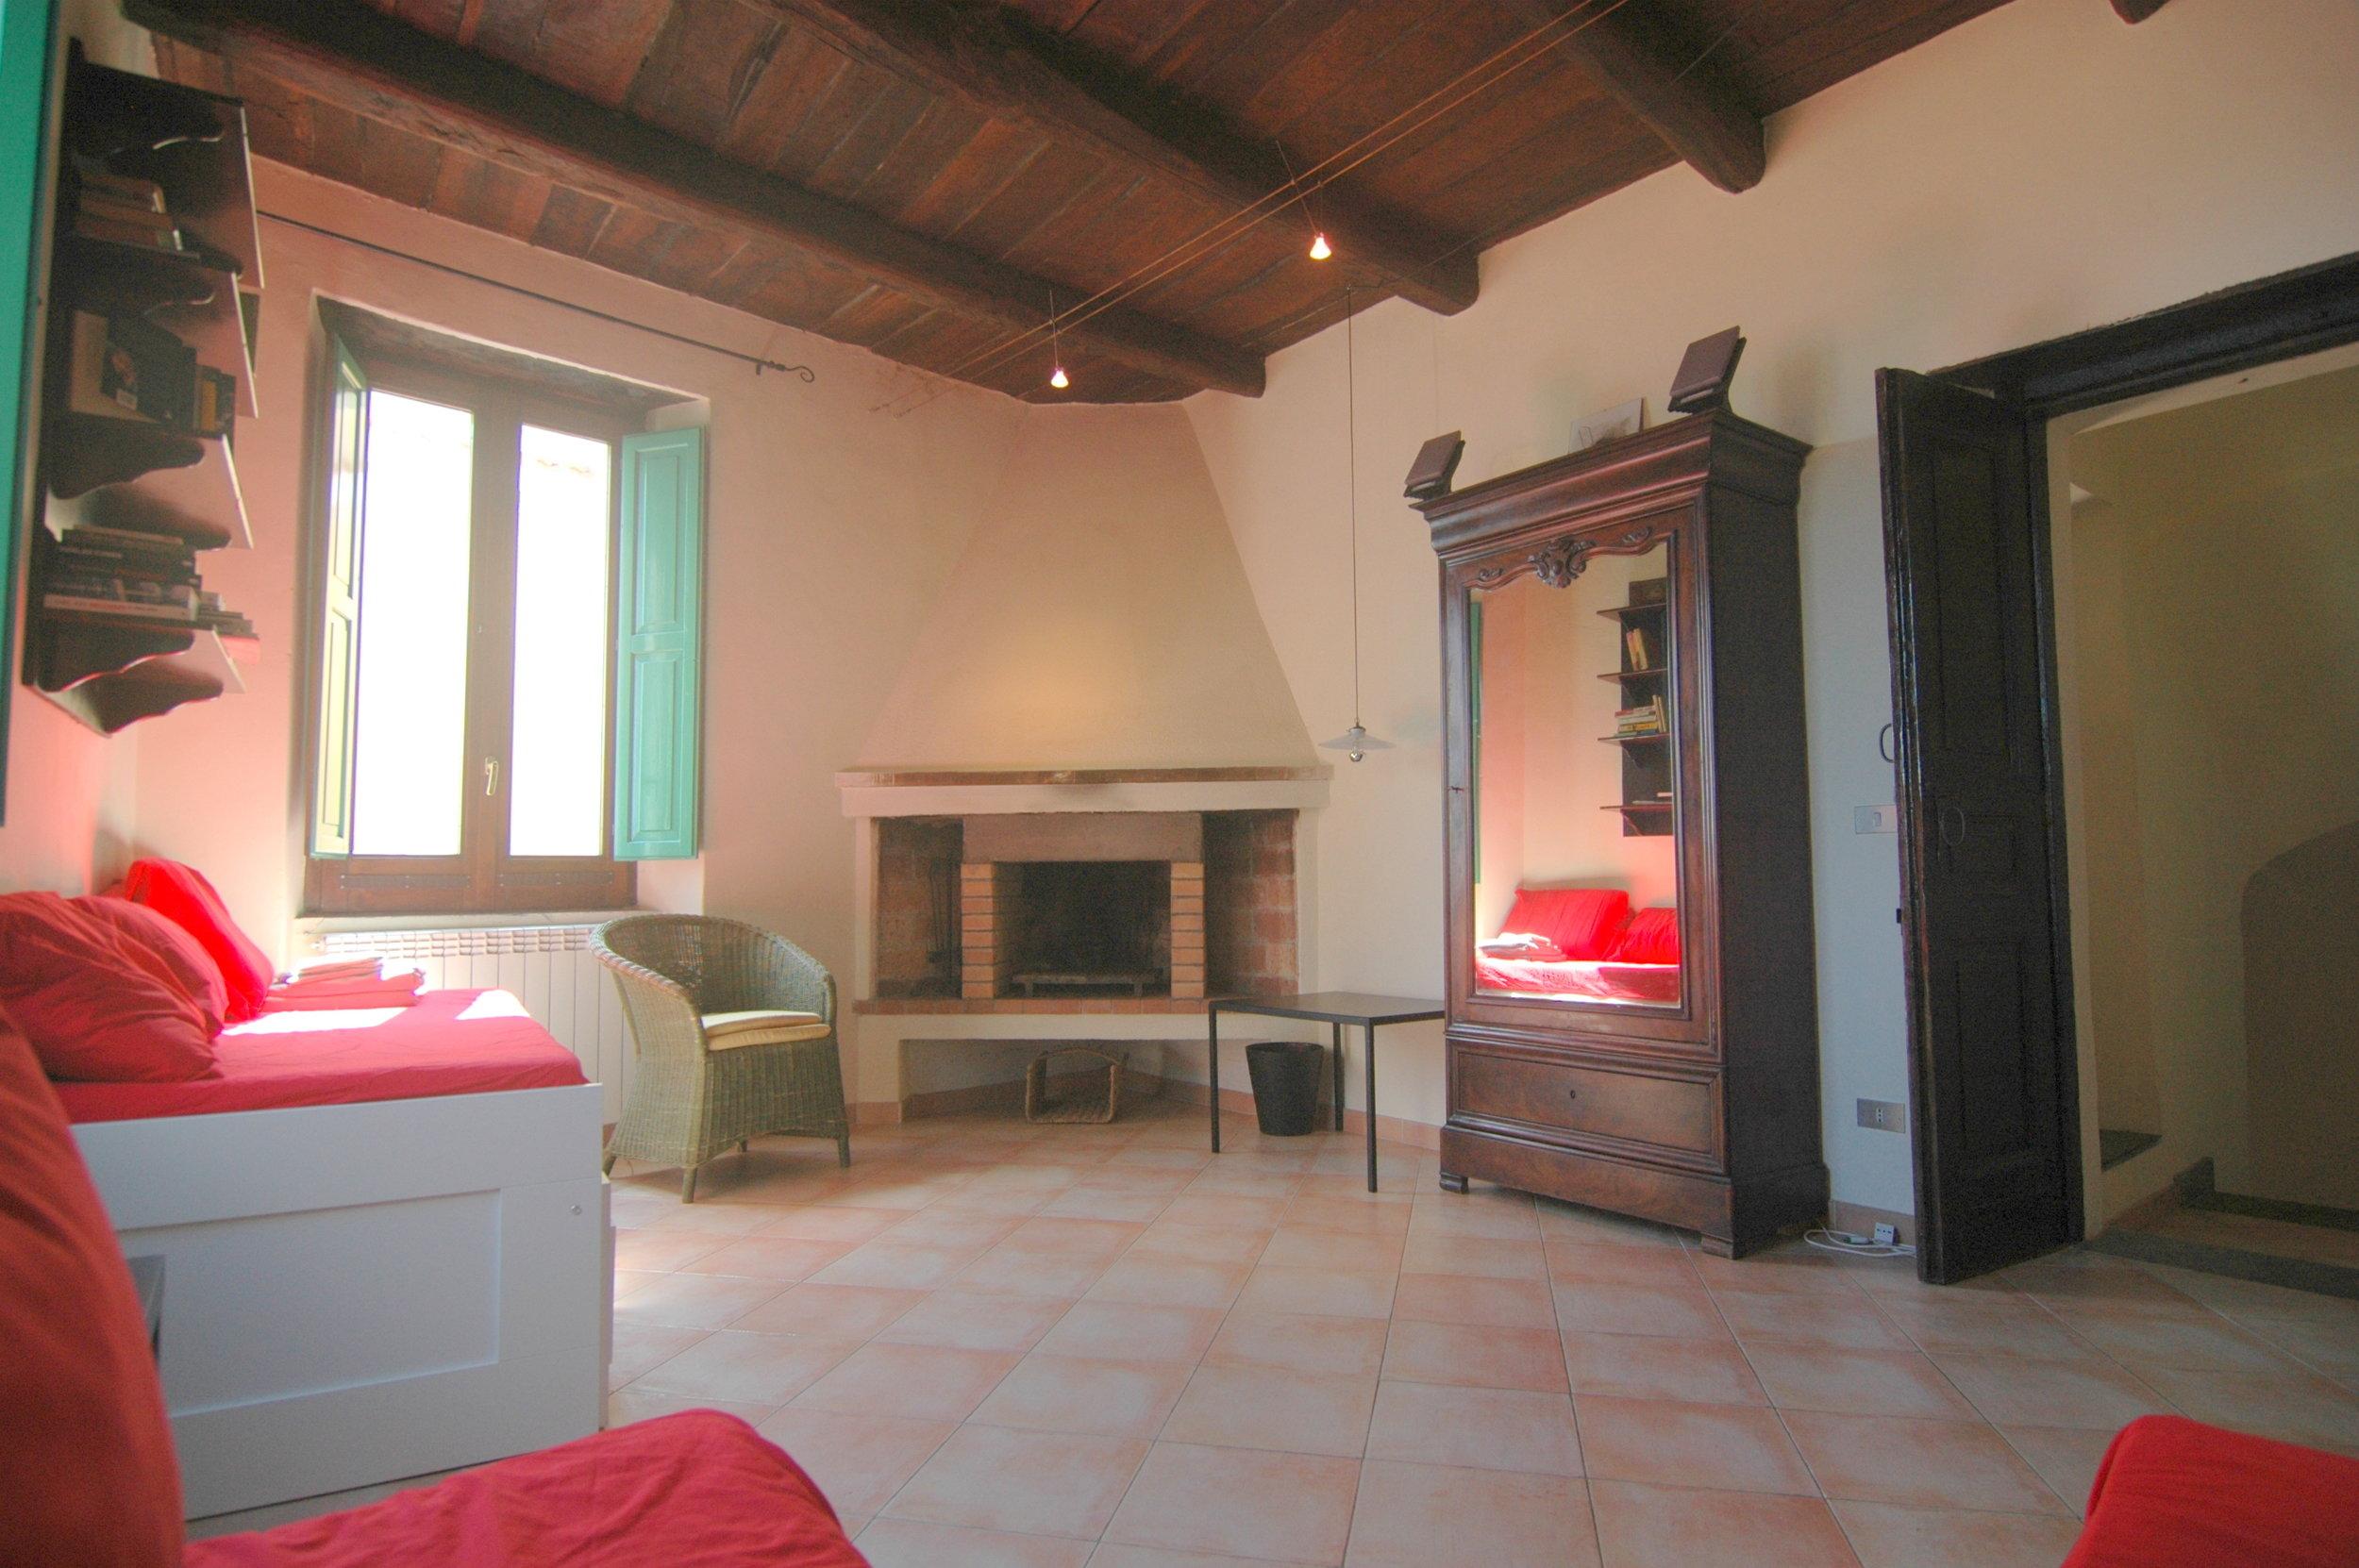 Slaapkamer-woonkamer met openhaard.JPG